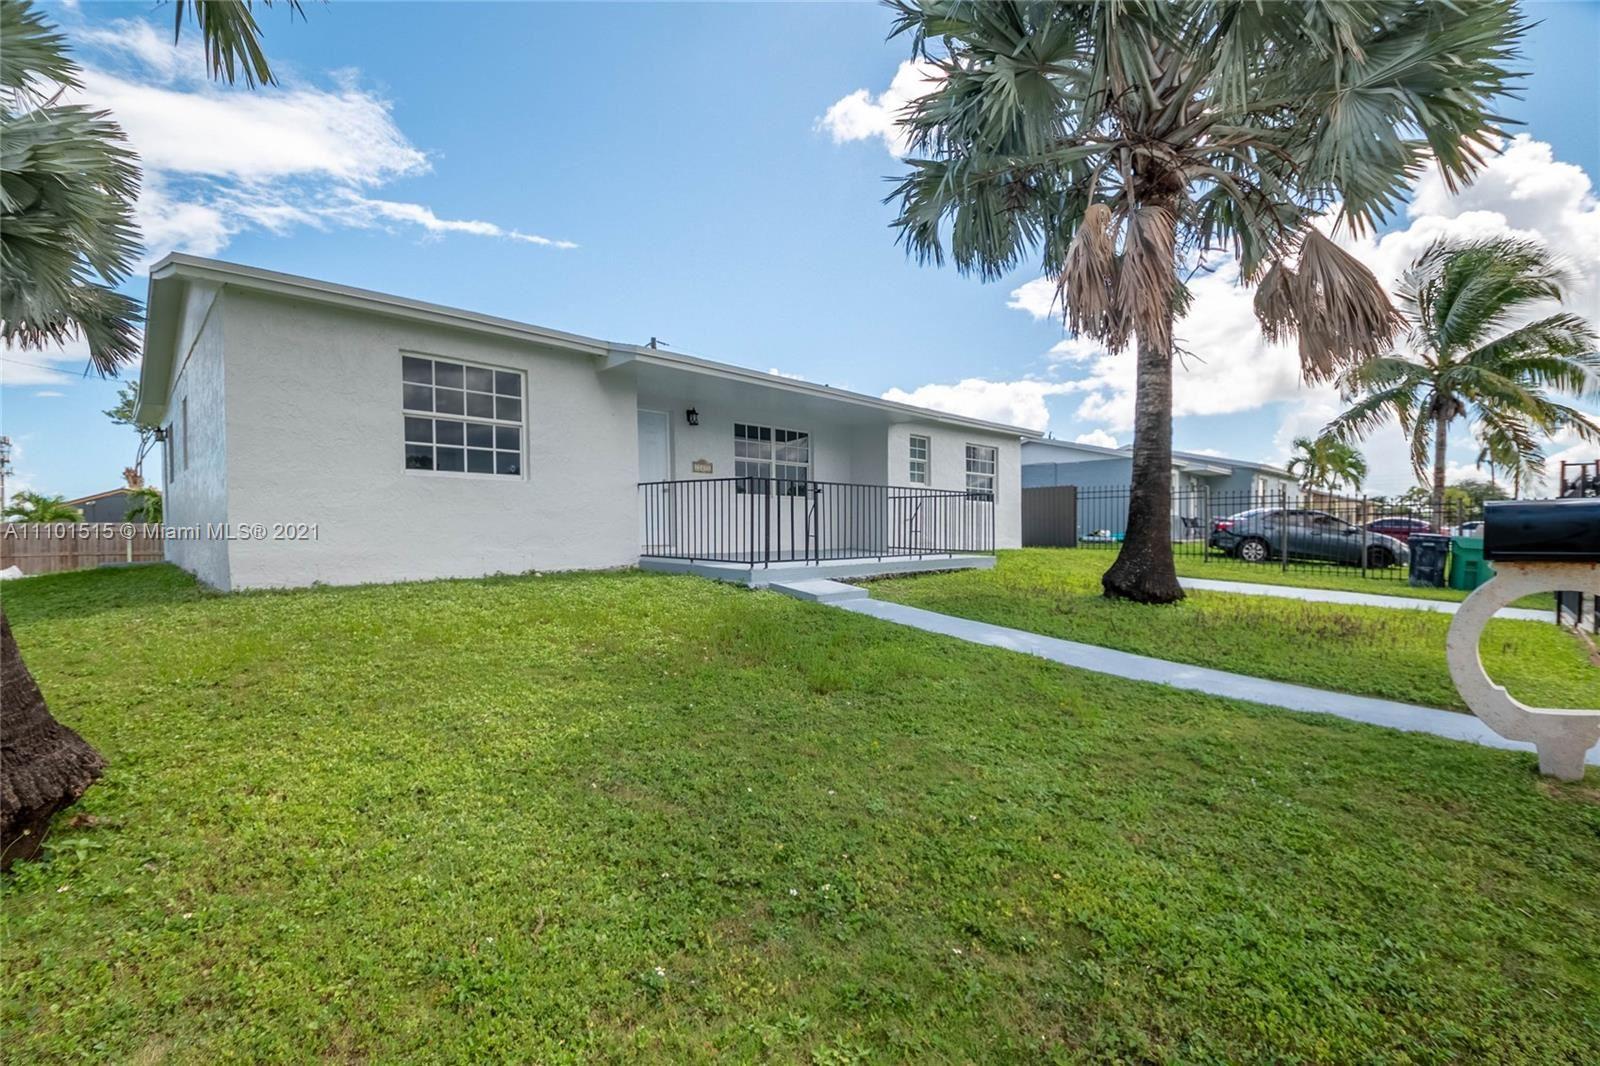 22201 SW 113th Ct, Miami, FL 33170 - #: A11101515